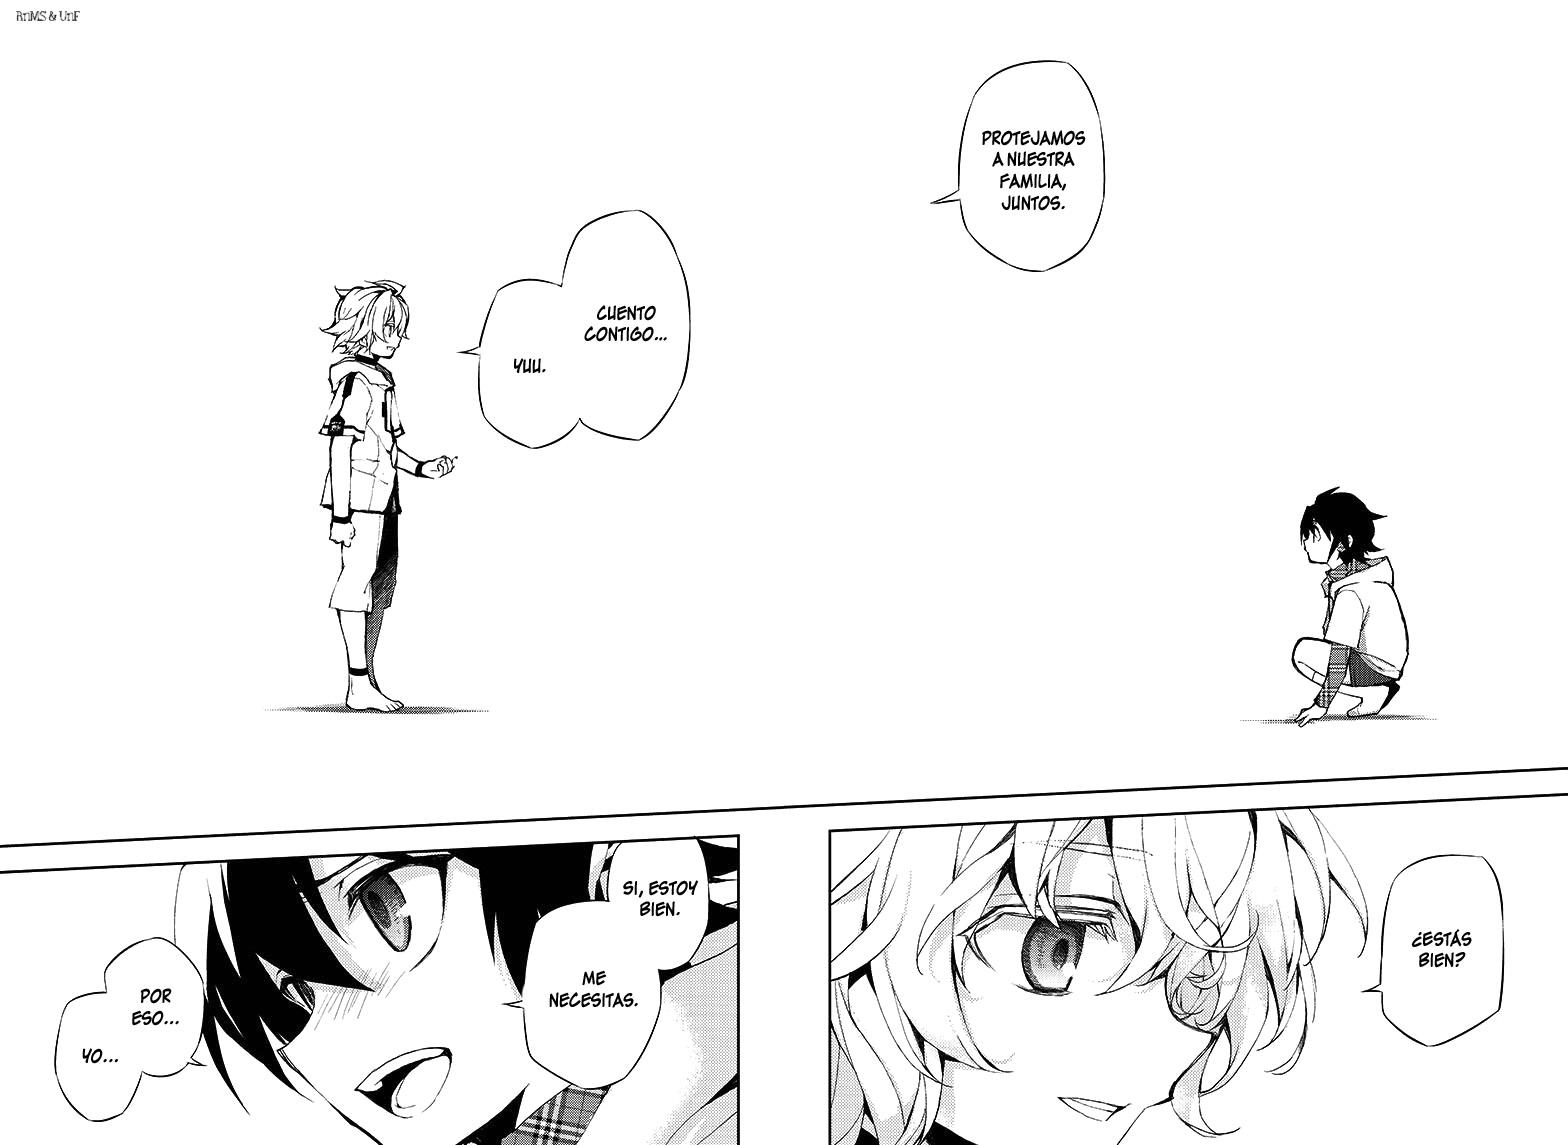 http://c5.ninemanga.com/es_manga/49/3057/354594/ba03024b5fbcd83b17621942c3ca338e.jpg Page 36